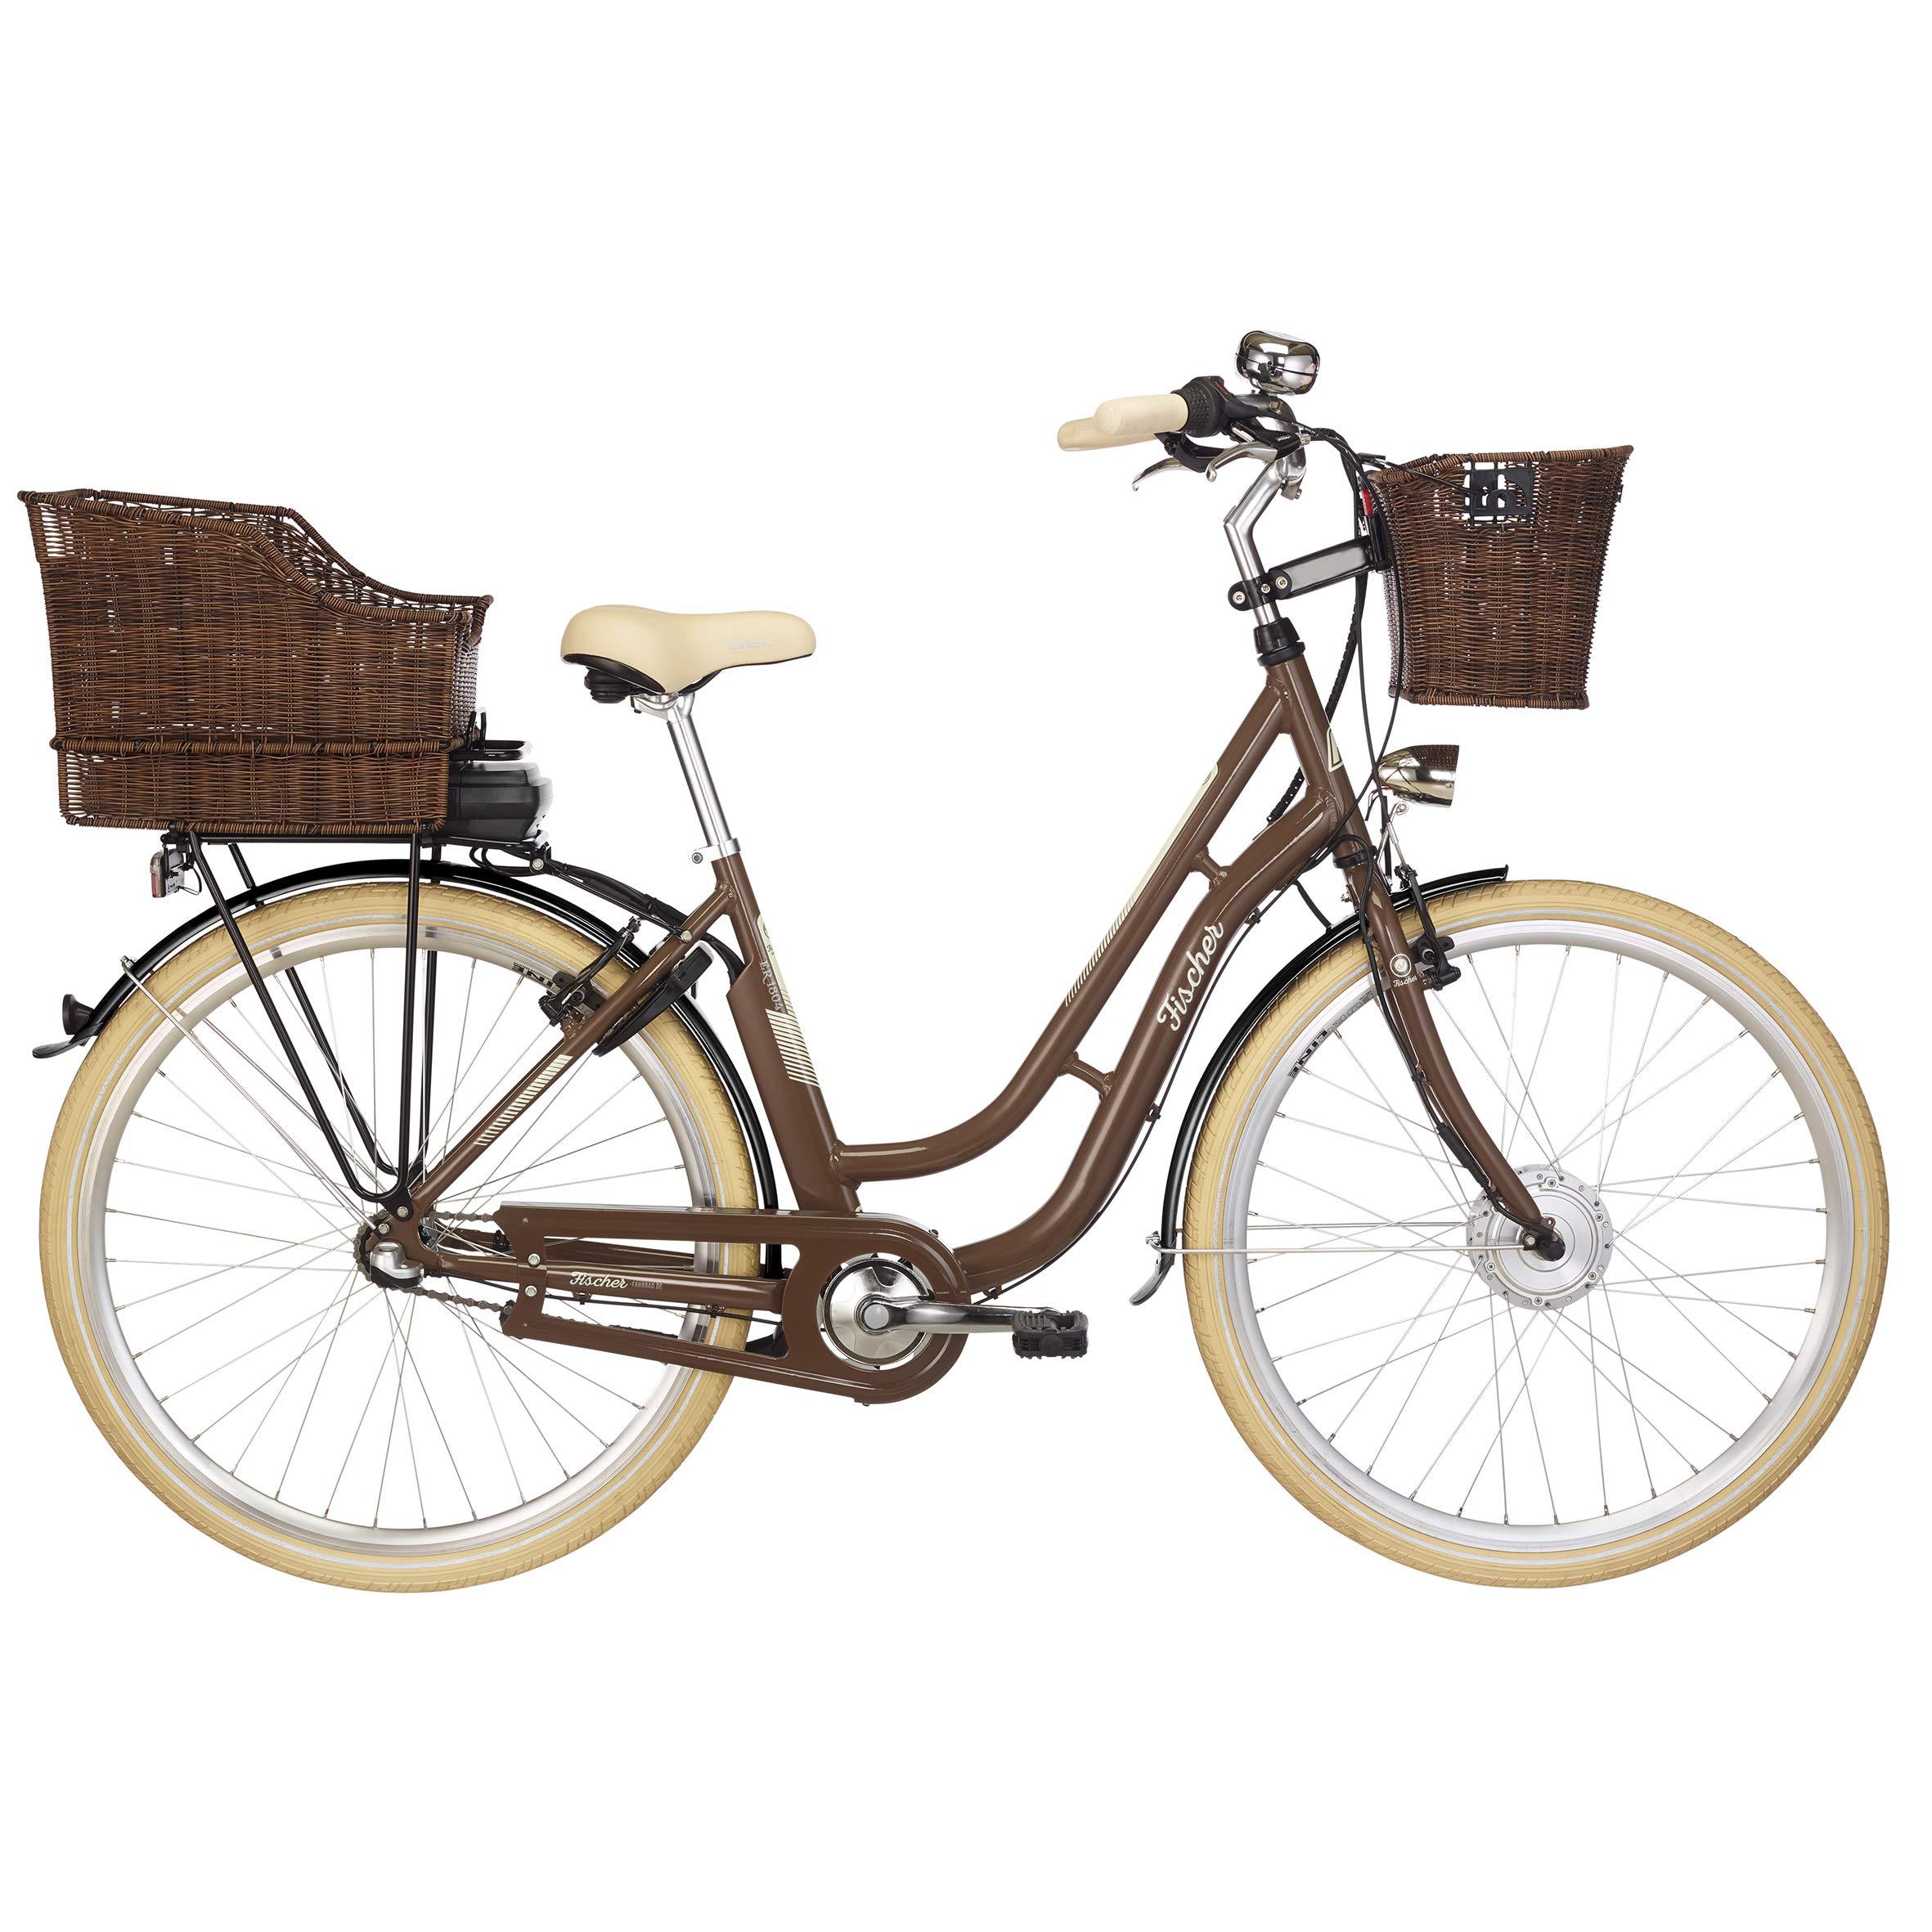 Fischer ER 1804 Retro Damen E-Bike (2019), 28 Zoll, RH 48 cm, 317 Wh, mit Korb